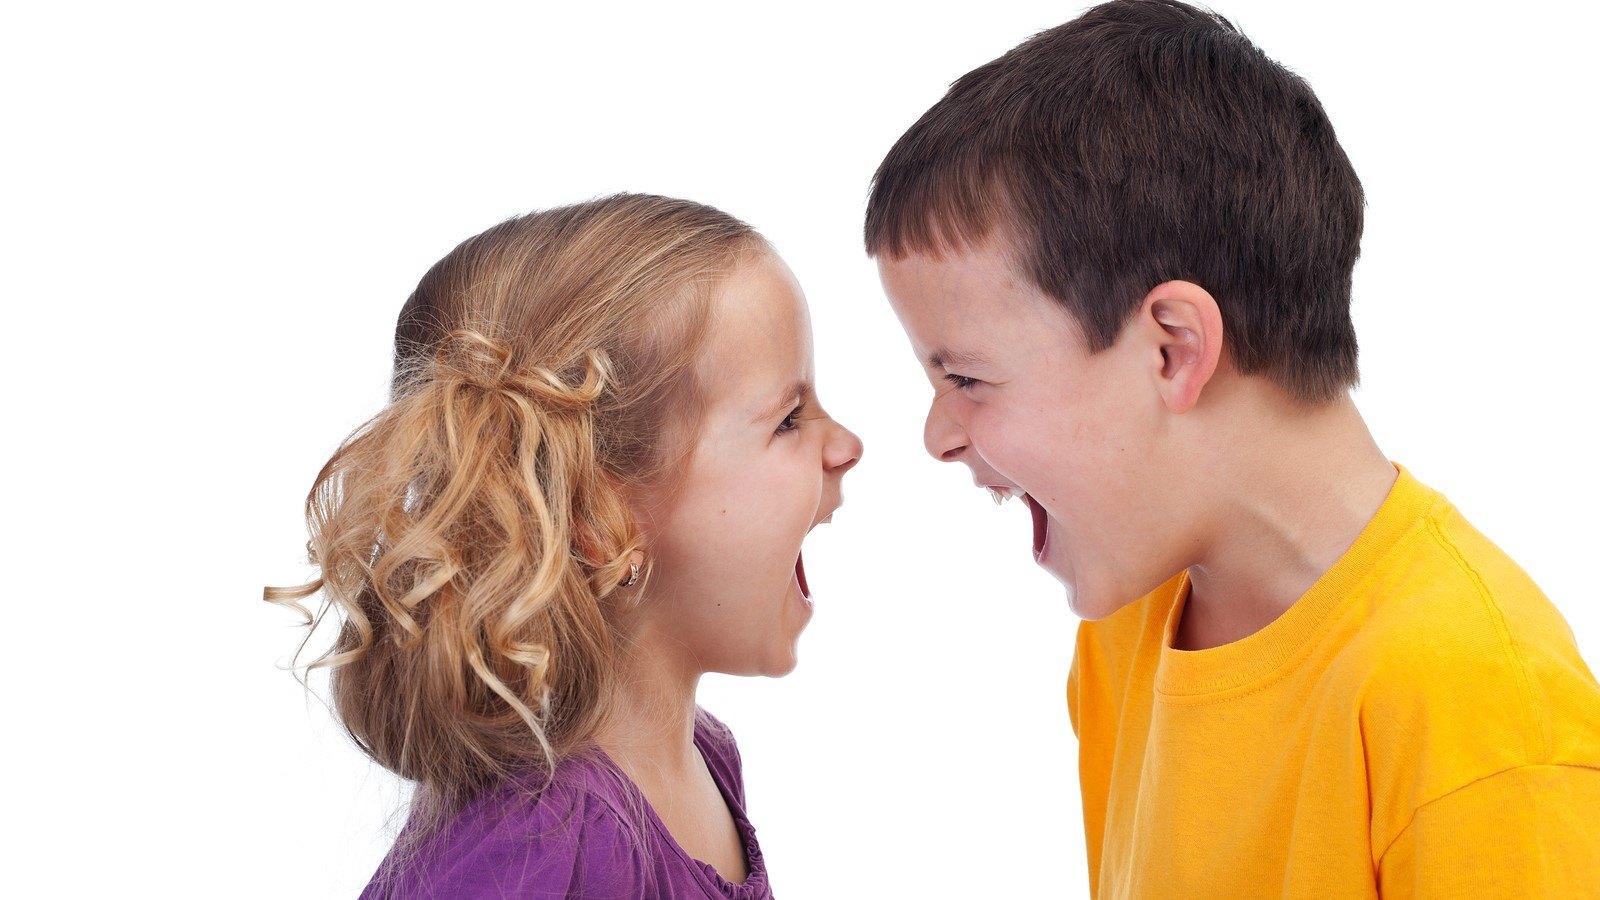 Gyakori nehézségek a testvérkapcsolatban